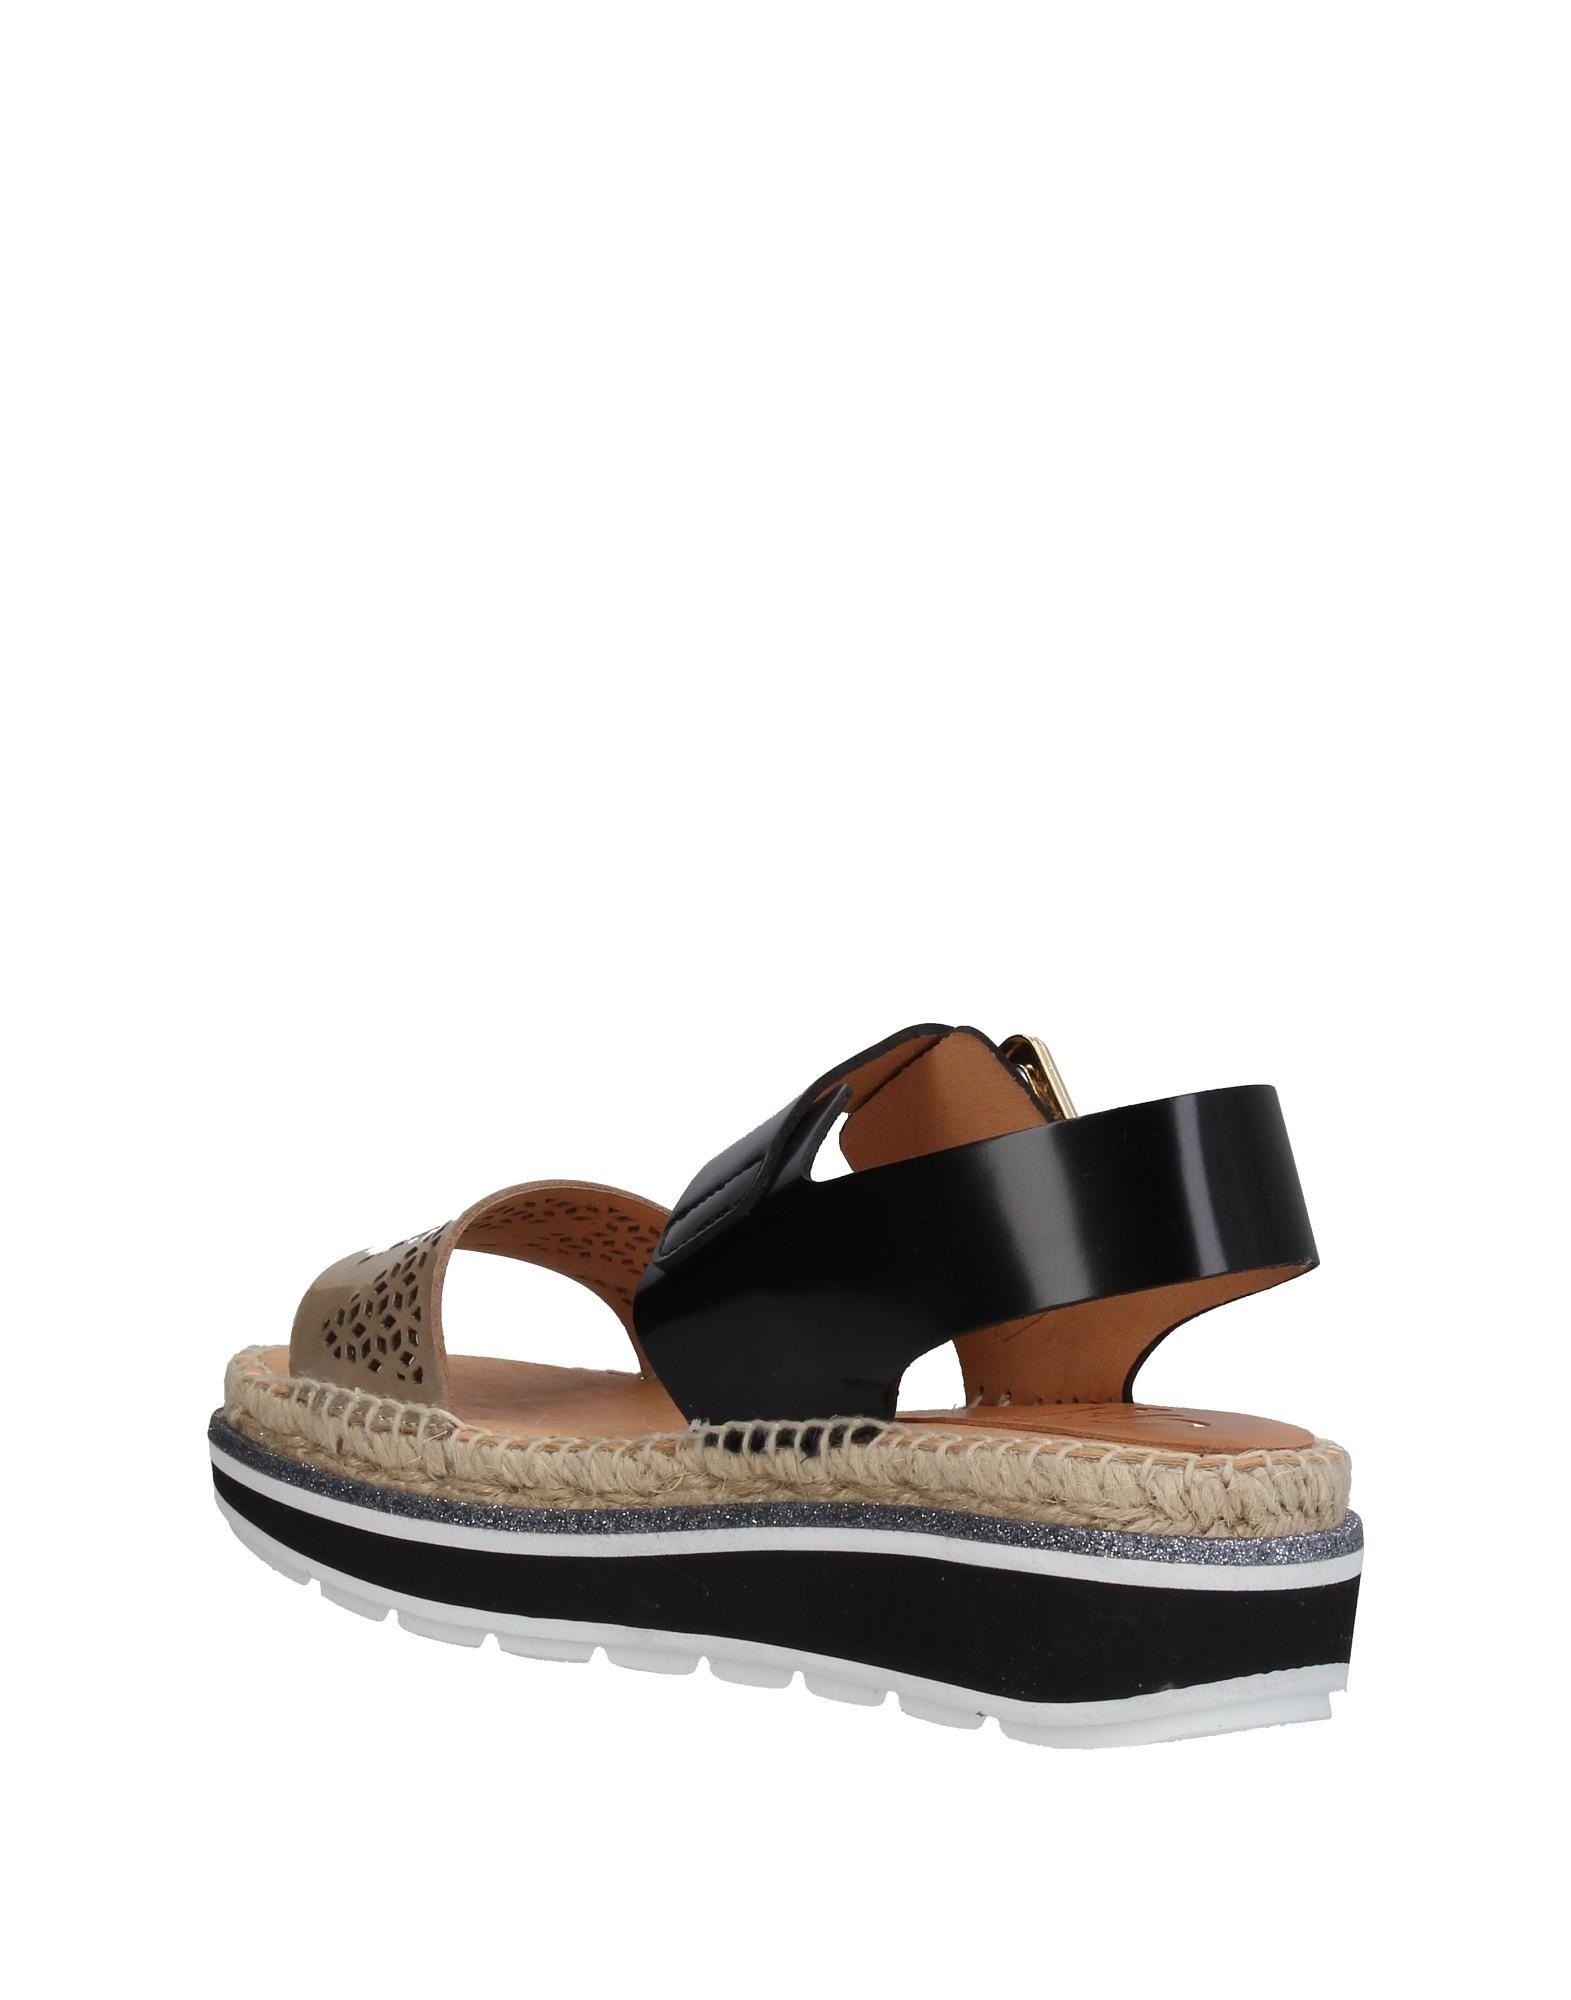 Kanna Sandalen Damen Damen Damen  11353998OX Gute Qualität beliebte Schuhe ec2f44